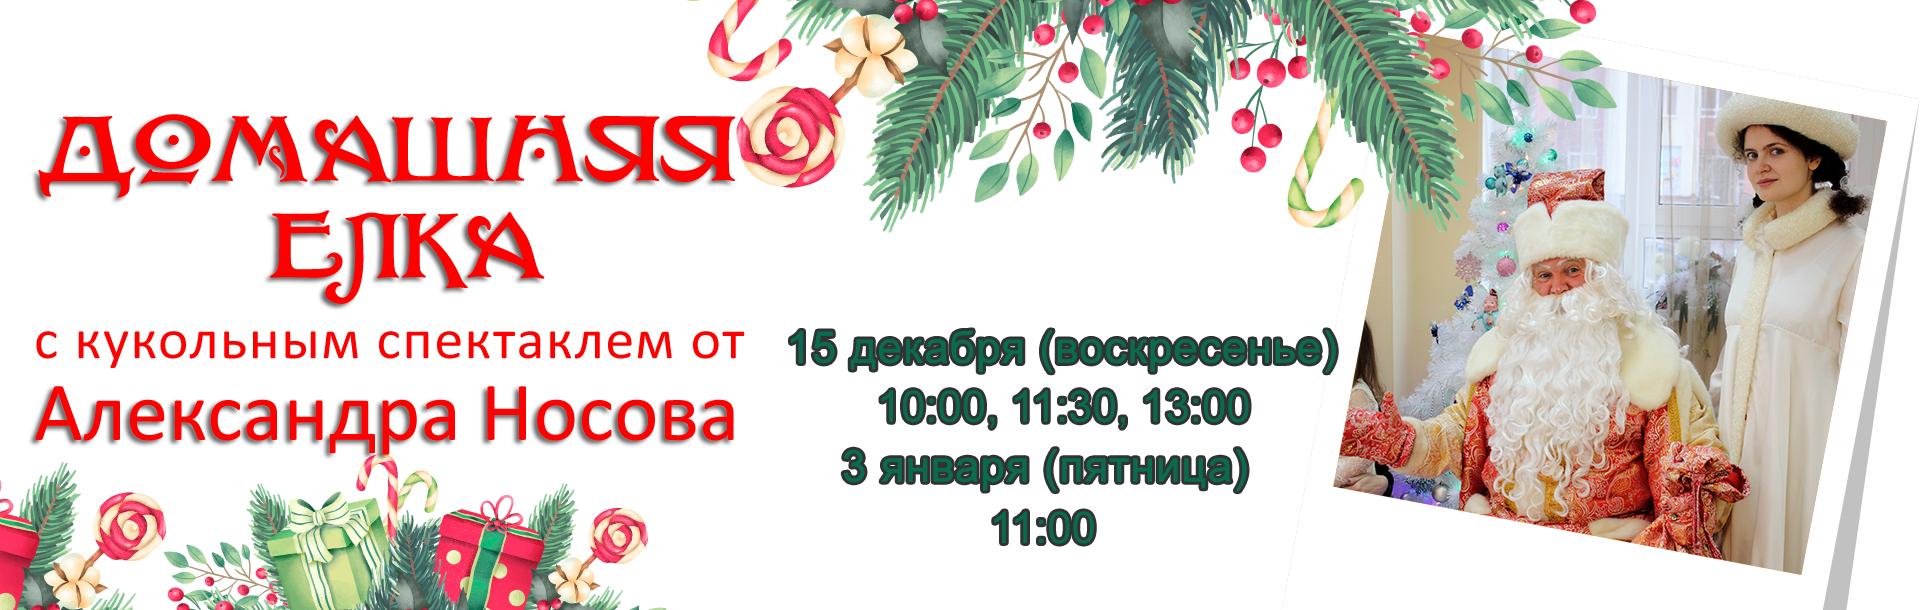 новогодний кукольный спектакль, Новый Год в ЖК Цветы, Новогодняя программа для маленьких, Новый год для подростков